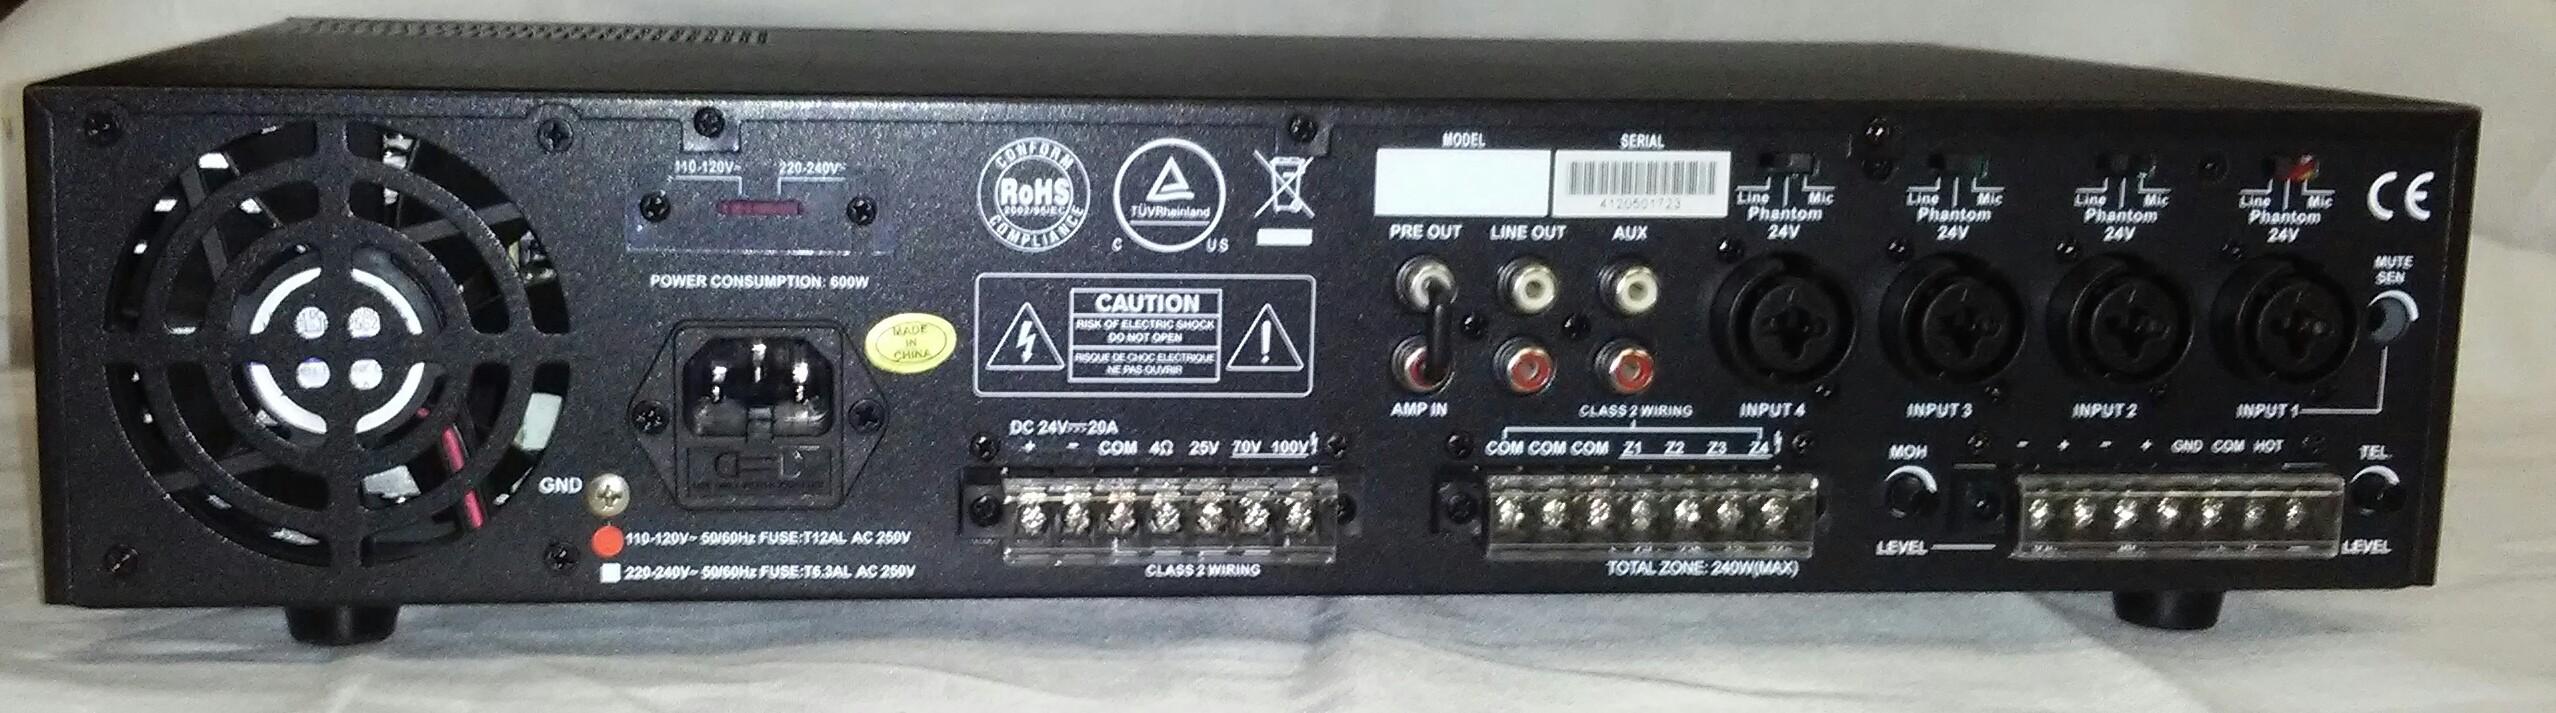 PA1240USB   240 Watt PA Mixer/Amplifier with 4 Zone Capability & USB